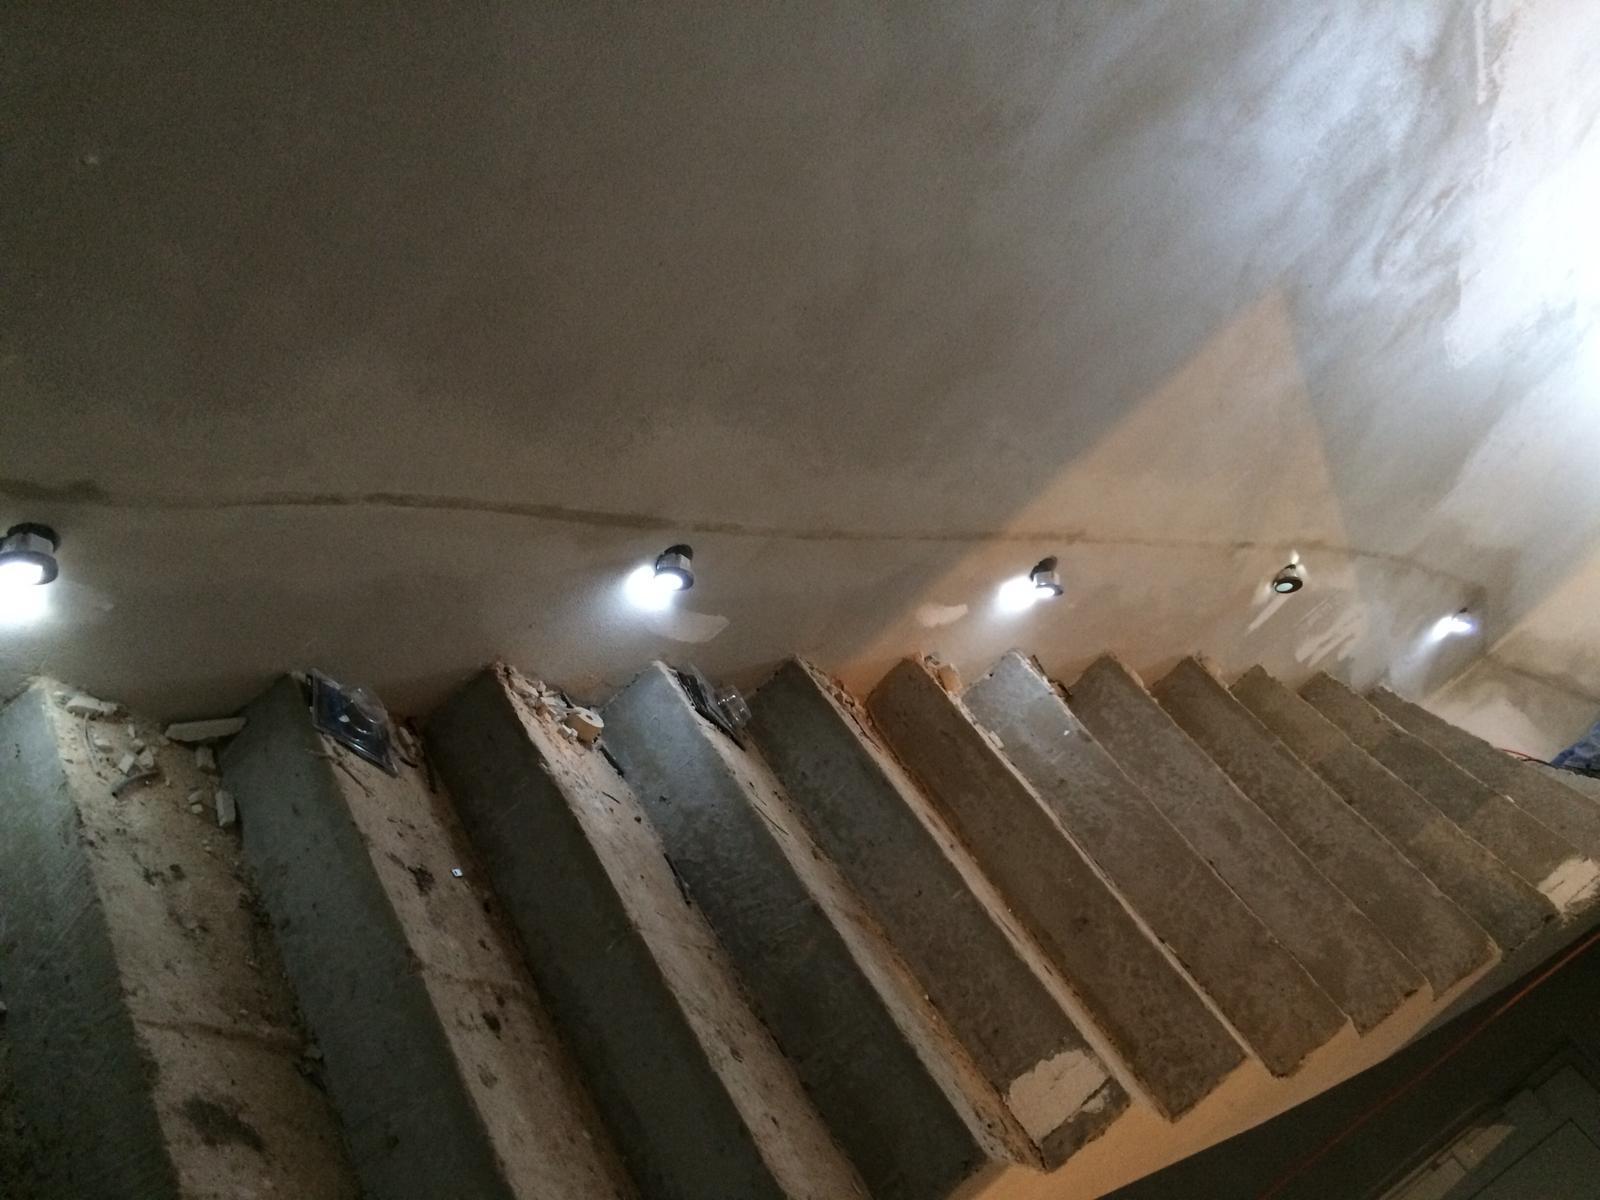 Splněný sen ... domeček - Jedno svetylko je bohuzel pokazene :( uz se reklamuje ... Jinak zed bude osterkovana